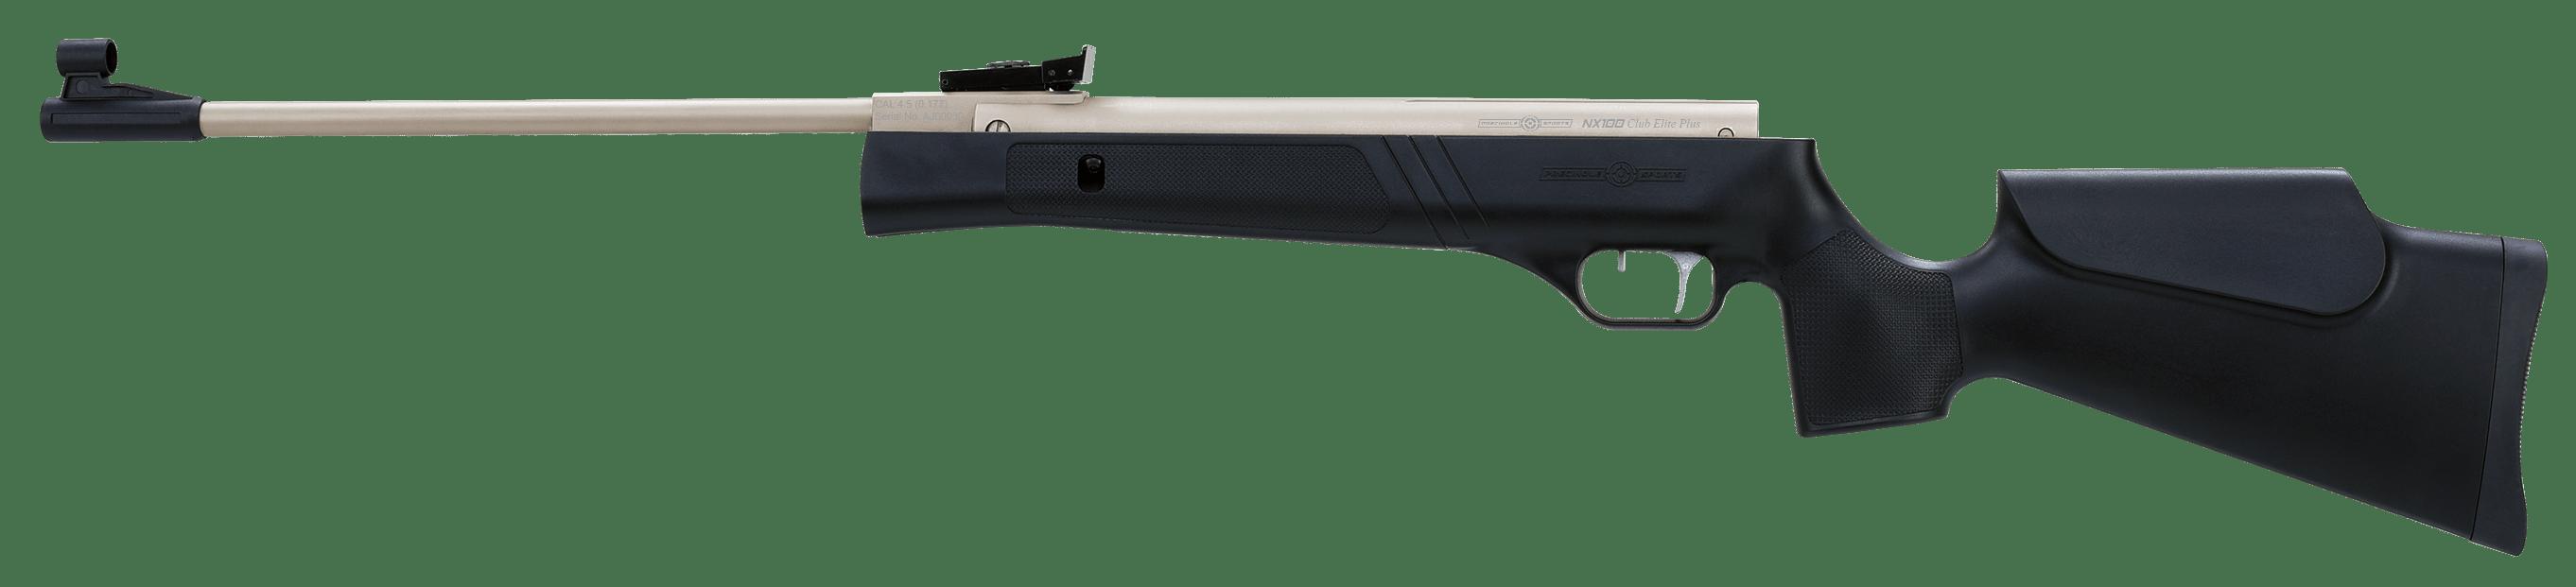 NX100-Club-Elite-Plus-Air-Rifle